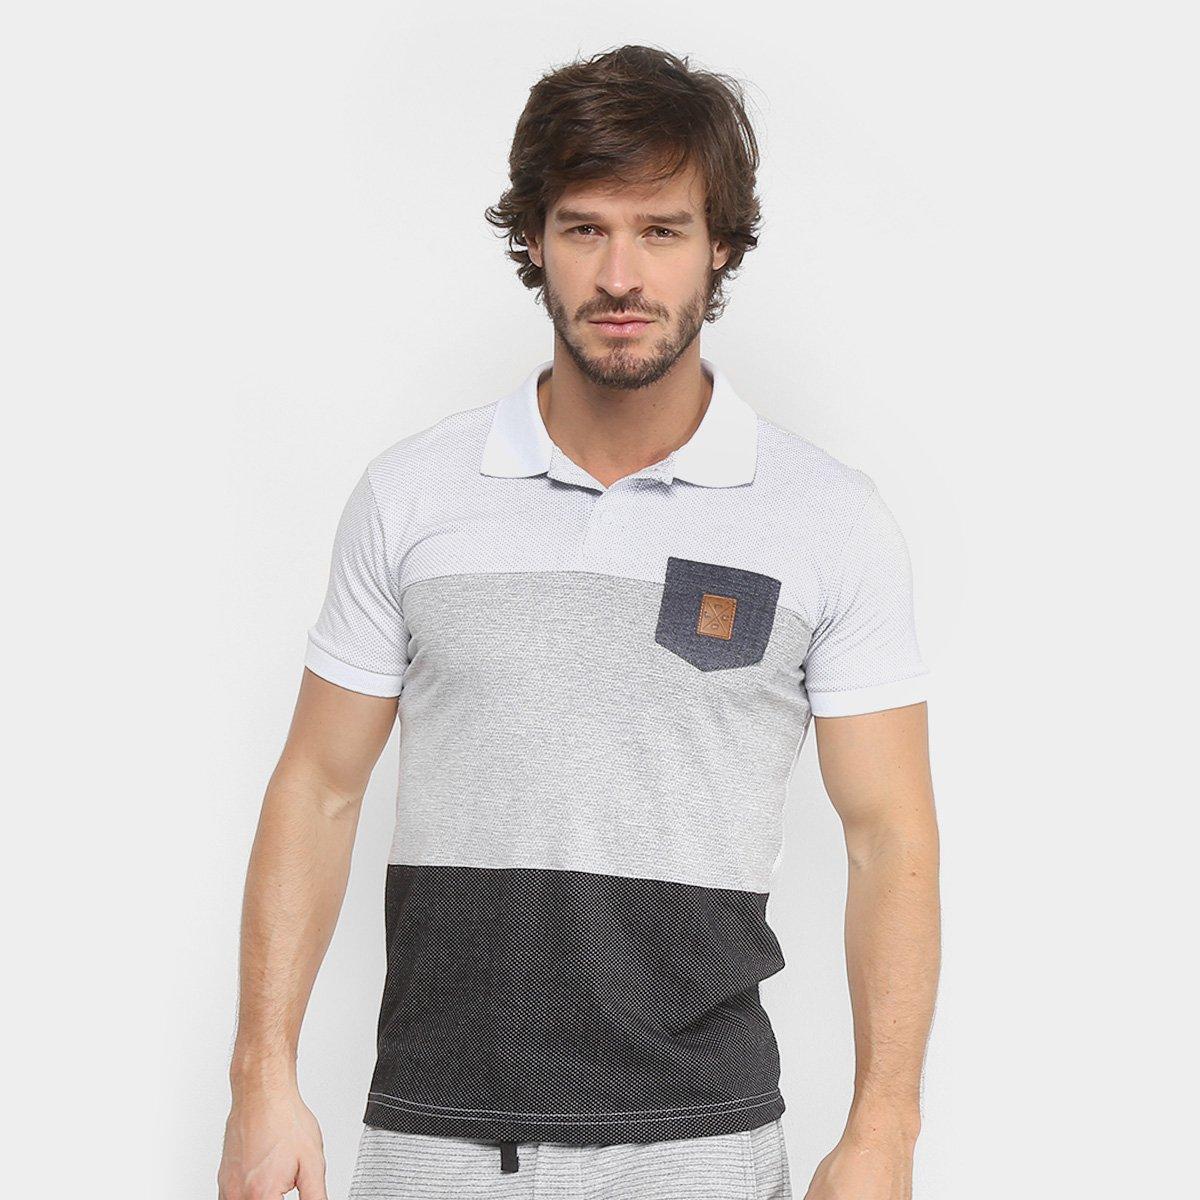 Foto 1 - Camisa Polo RG 518 Malha Pontilhada com Bolso Masculina